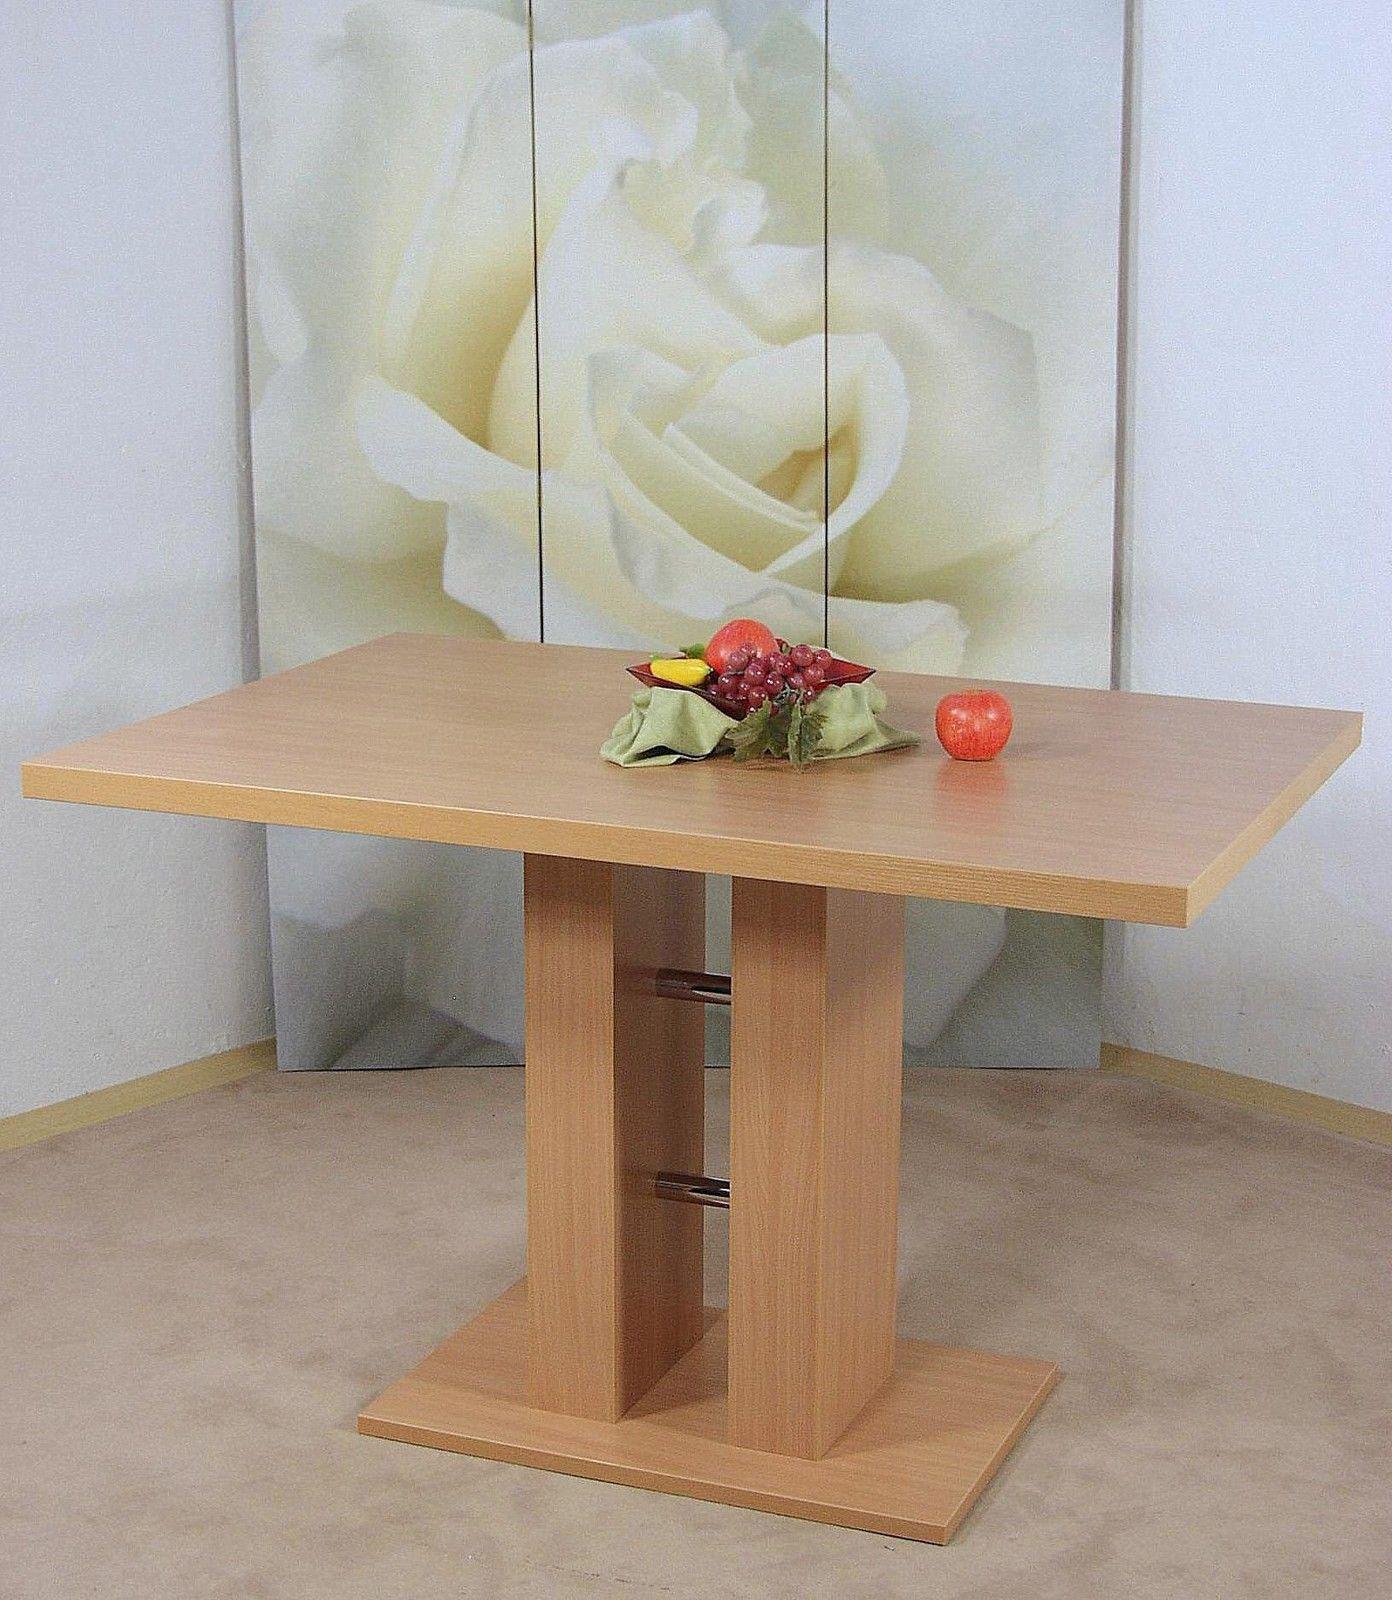 S ulentisch buche natur esstisch esszimmertisch tisch for Esszimmertisch buche